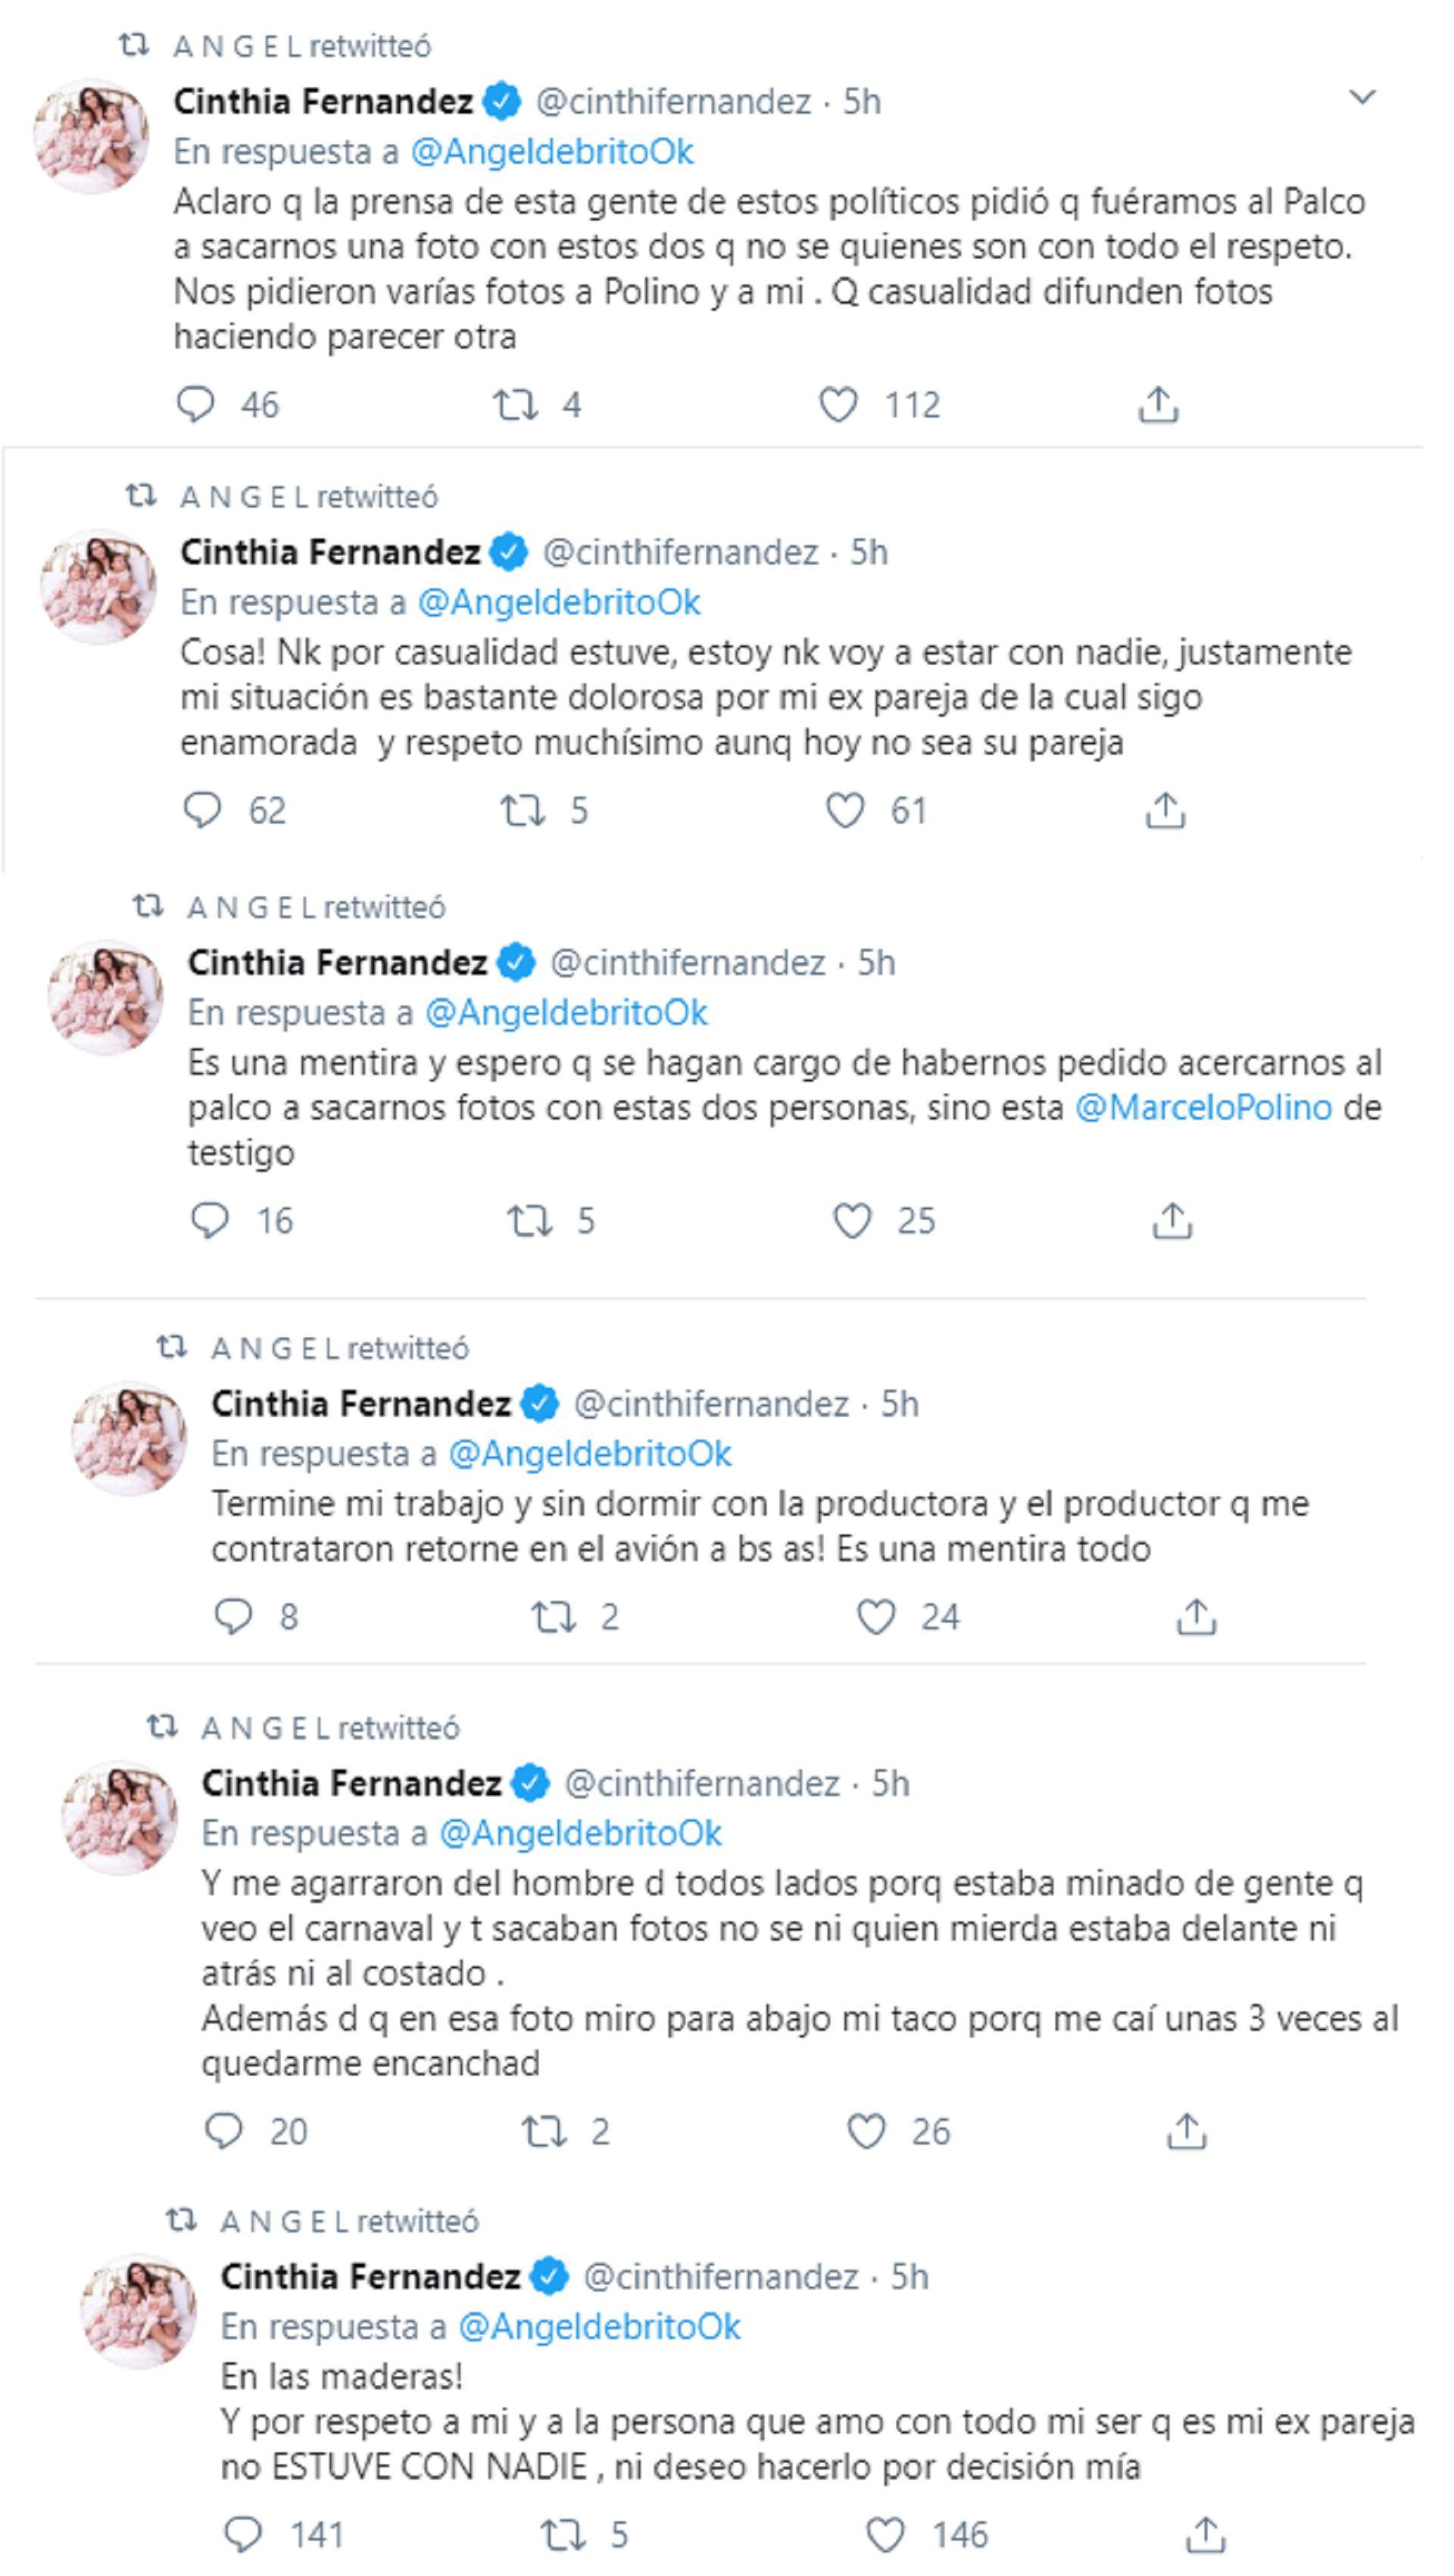 Los tuits de Cinthia Fernández